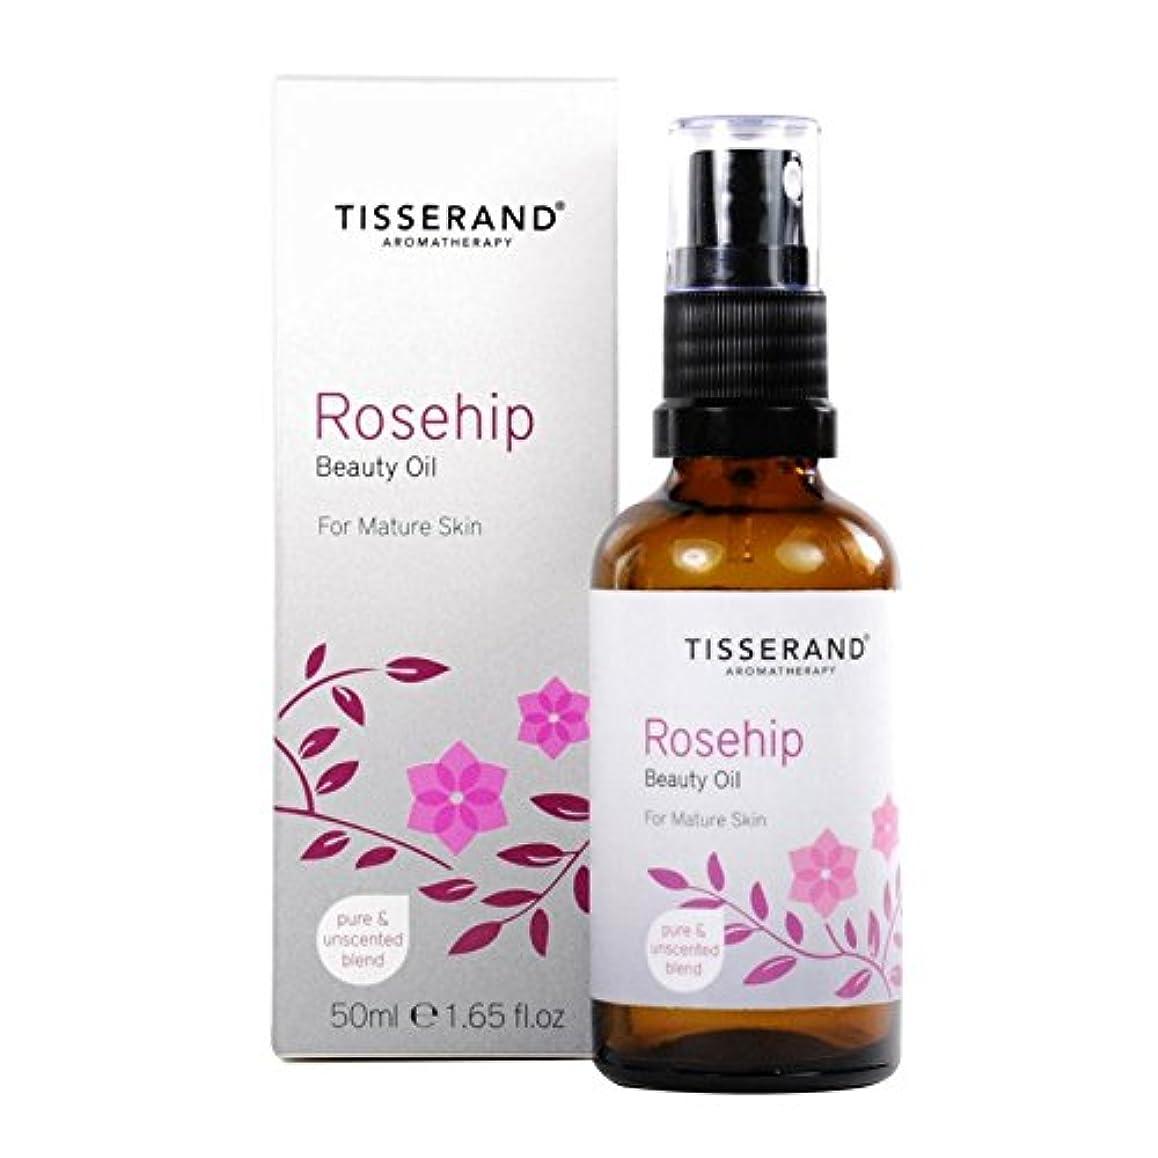 結び目相互接続前方へTisserand Rosehip Beauty Oil 50ml - ティスランドローズヒップ美容オイル50ミリリットル [並行輸入品]